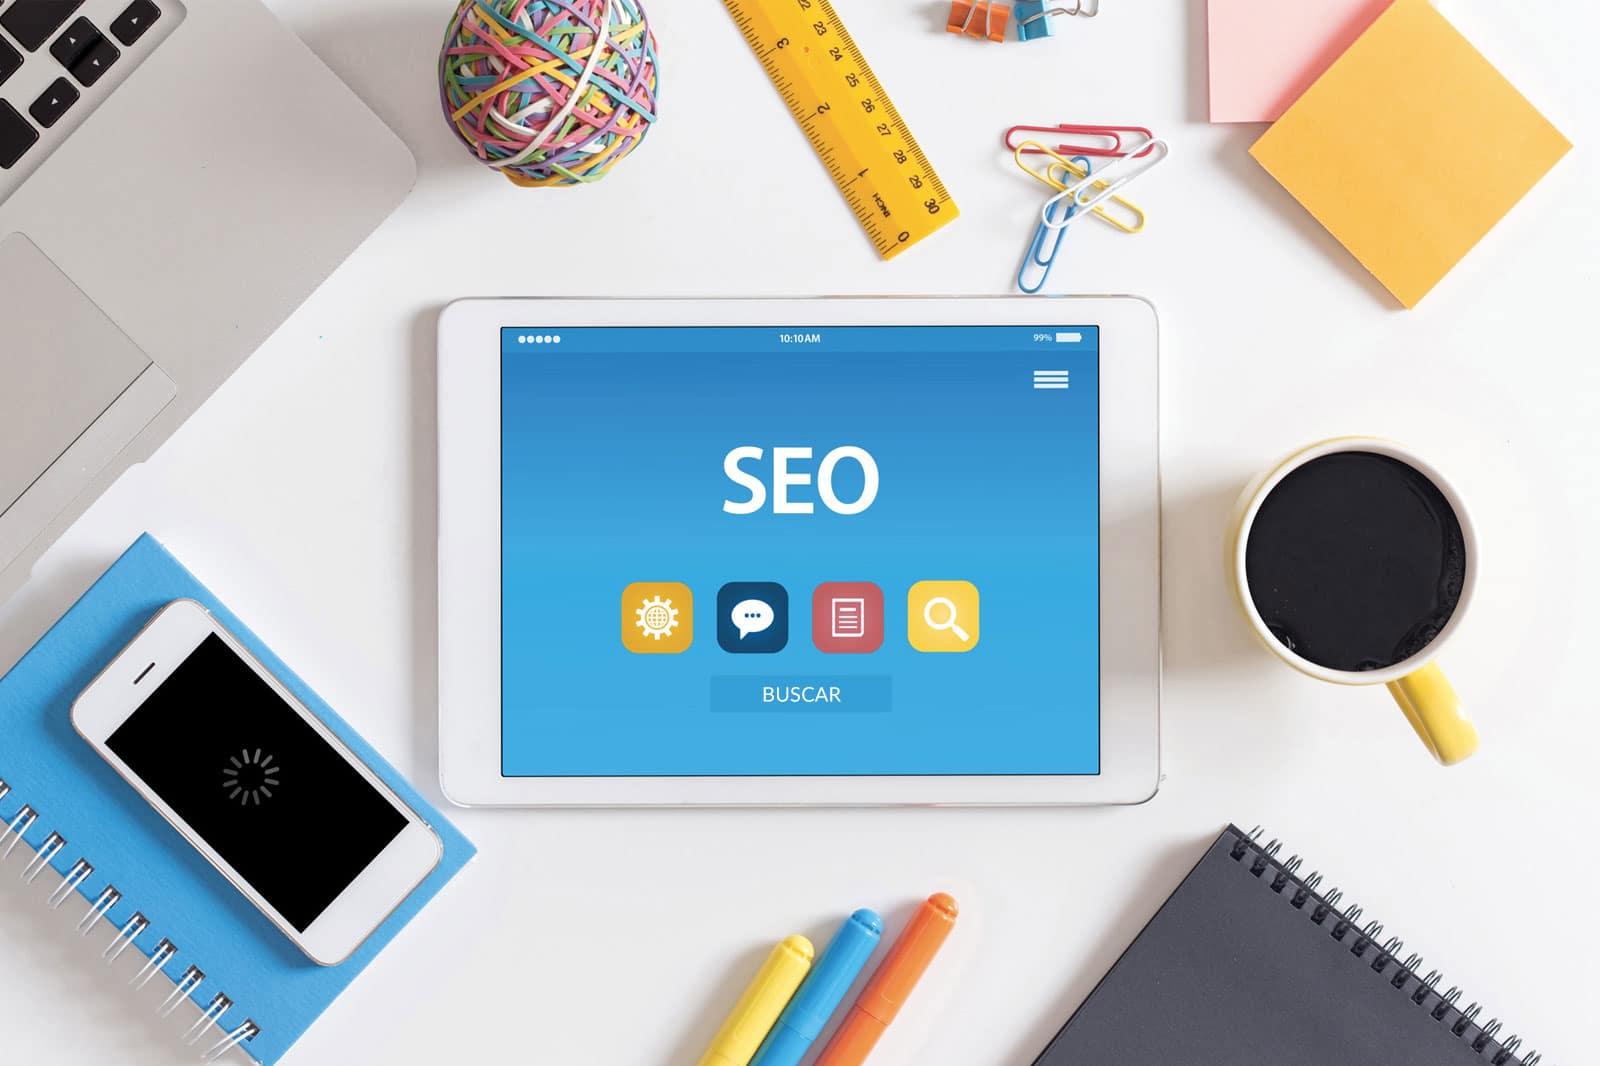 O SEO é o conjunto de estratégias e práticas que busca dar <p><span>visibilidade</span></p> para posicionar sites em buscadores.